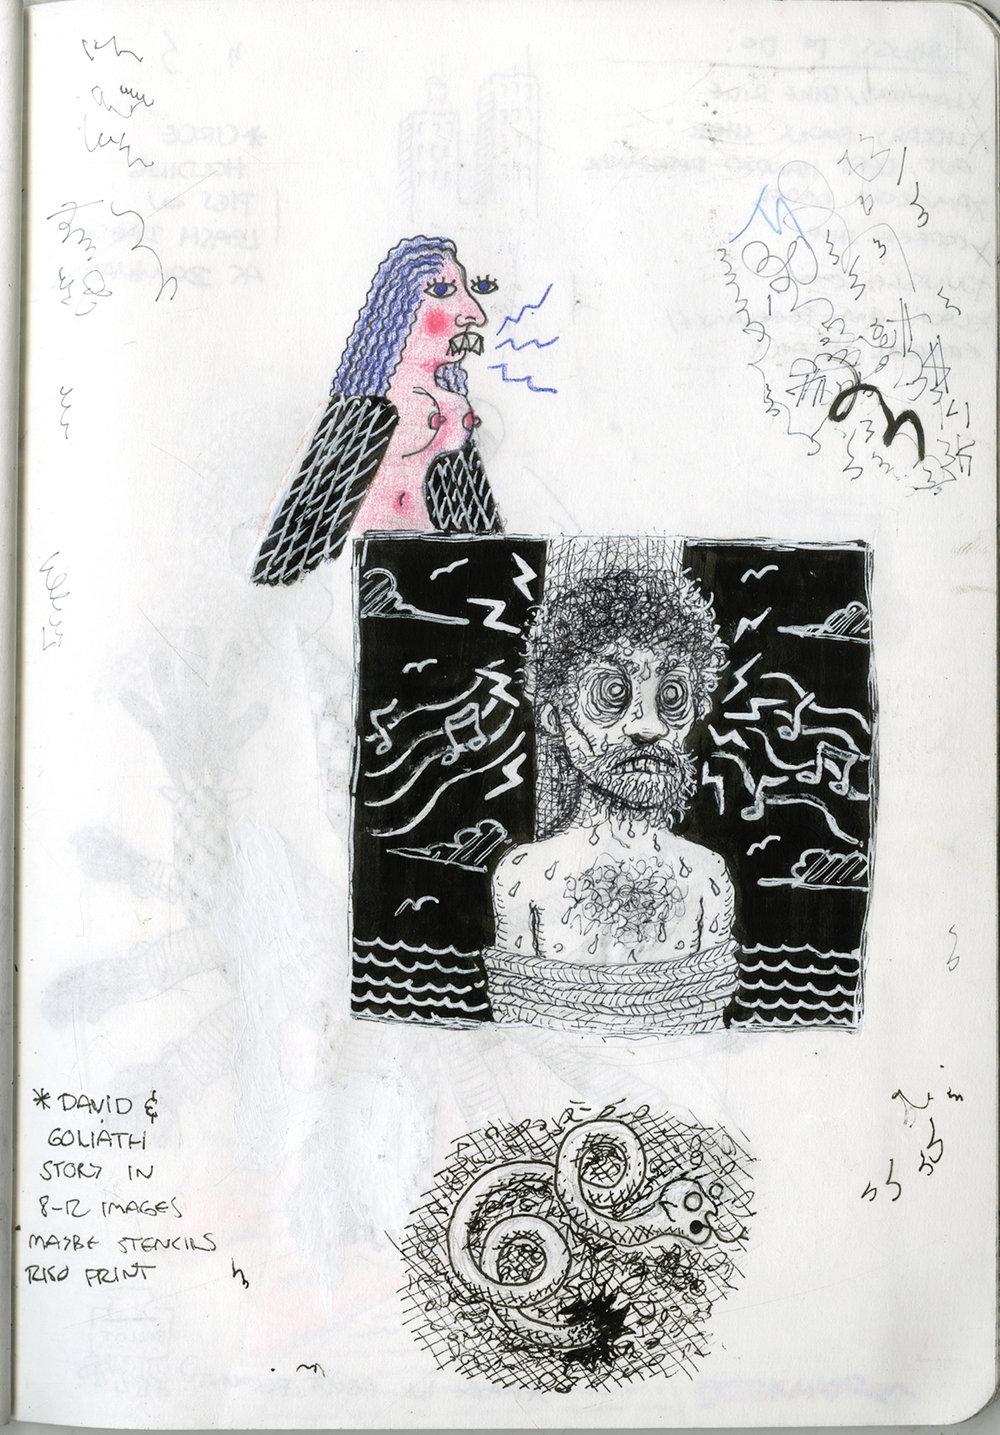 new_floppy_sketchbook_2_edits_57.jpg